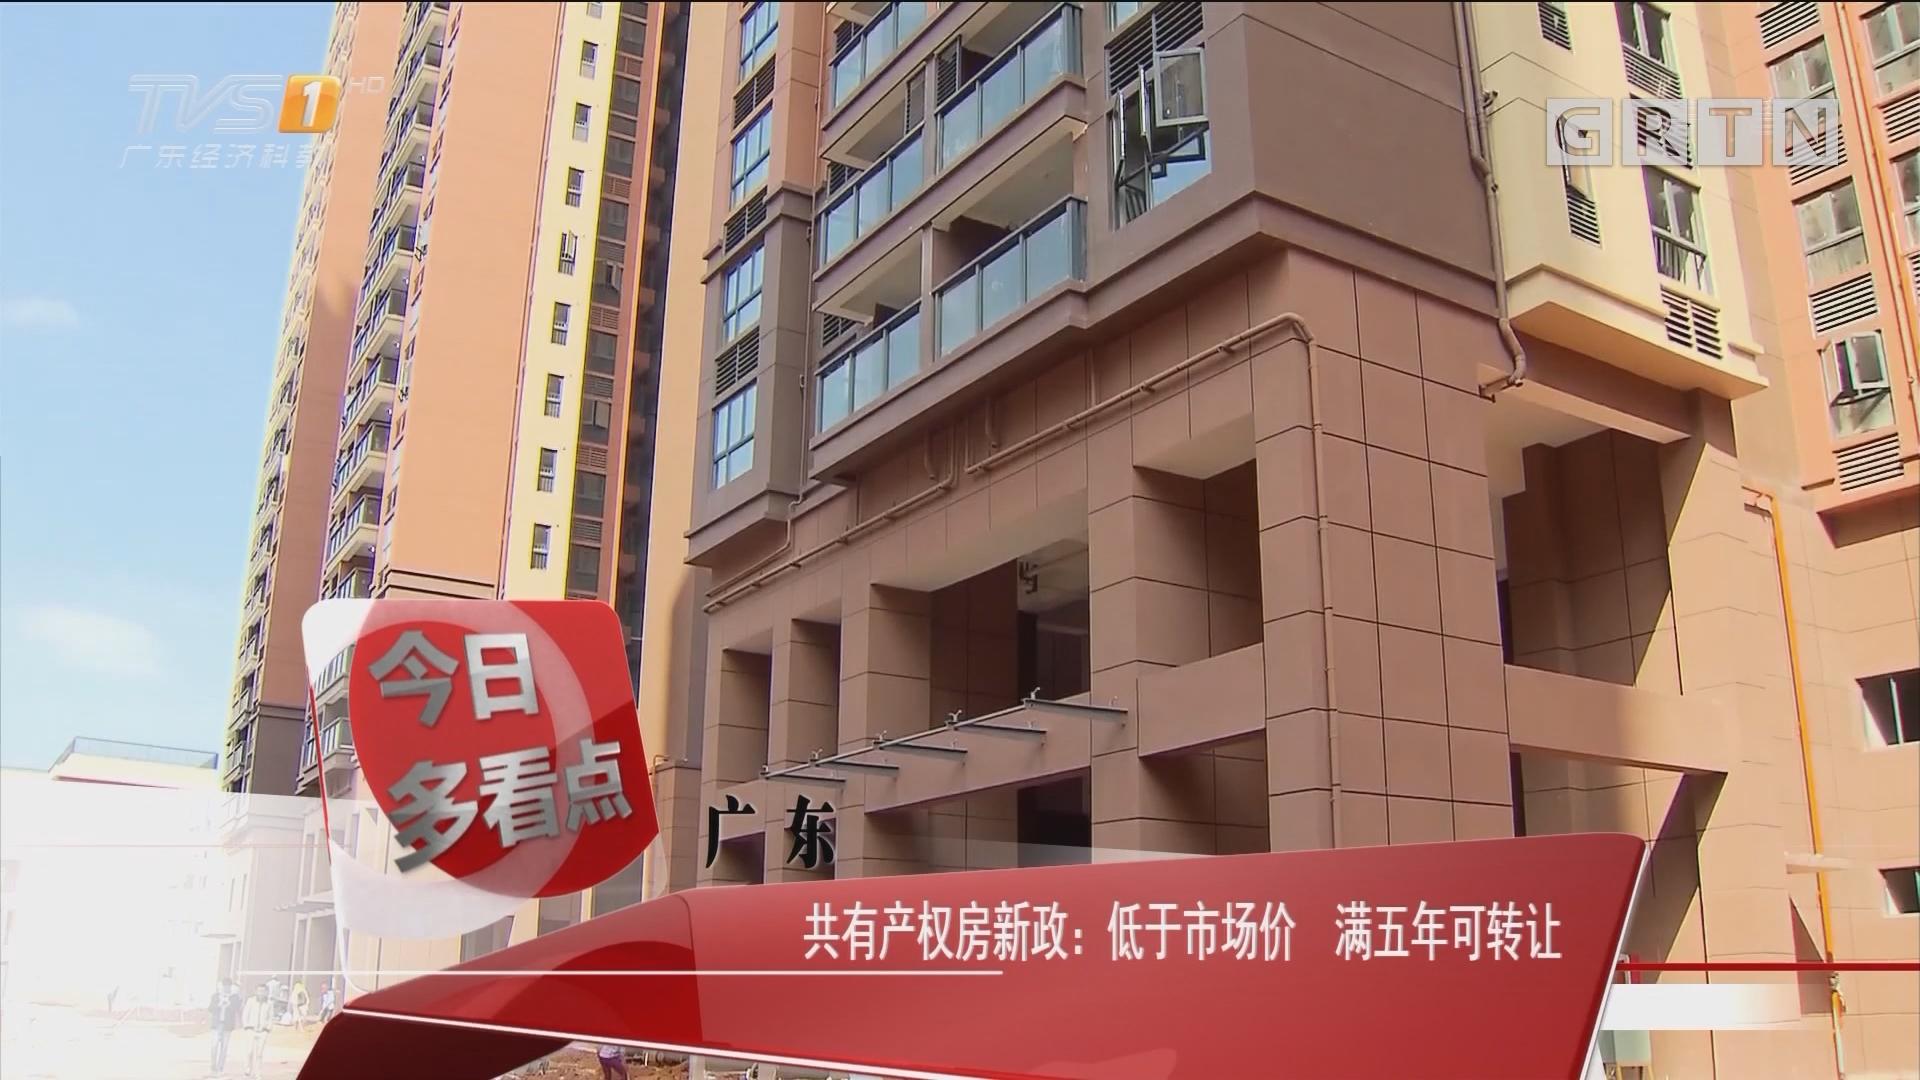 广东 共有产权房新政:低于市场价 满五年可转让